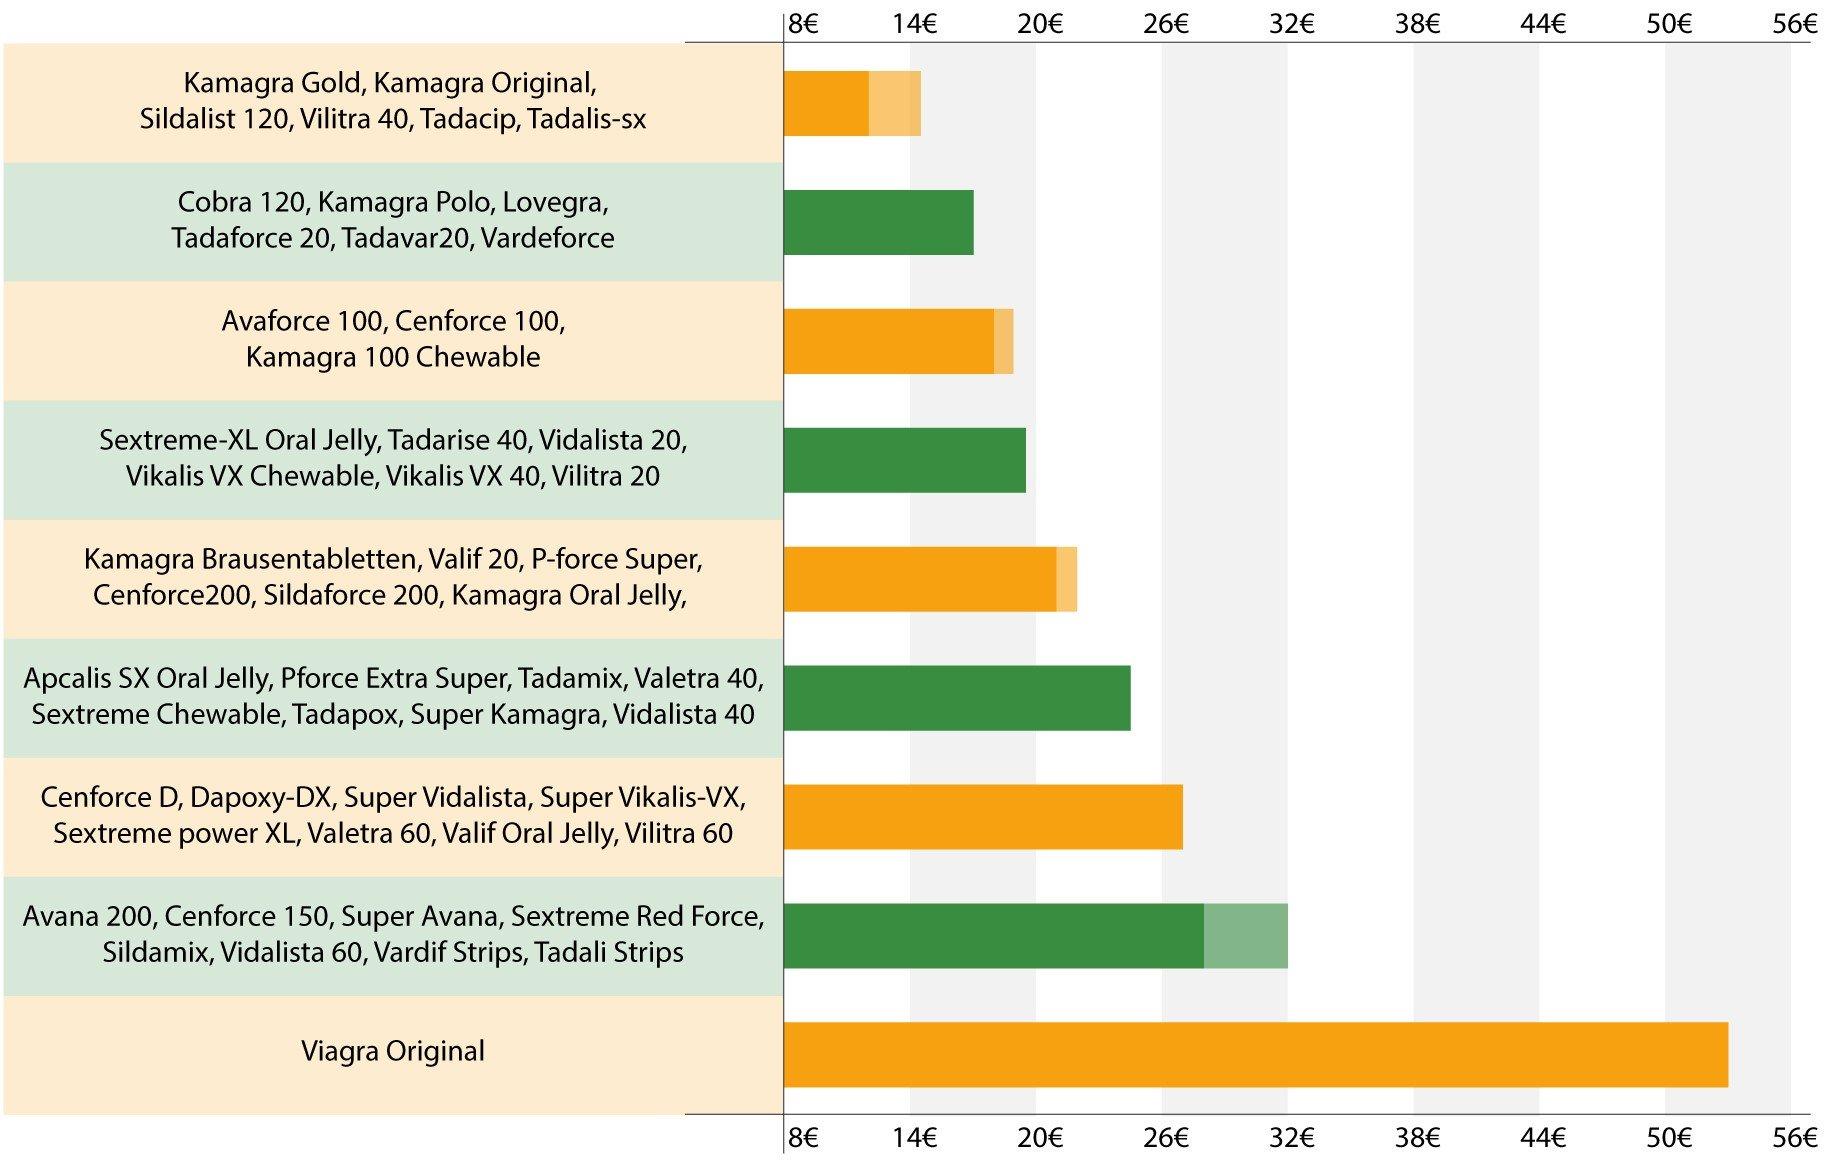 Precios de los potenciadores sexuales de Kamagra